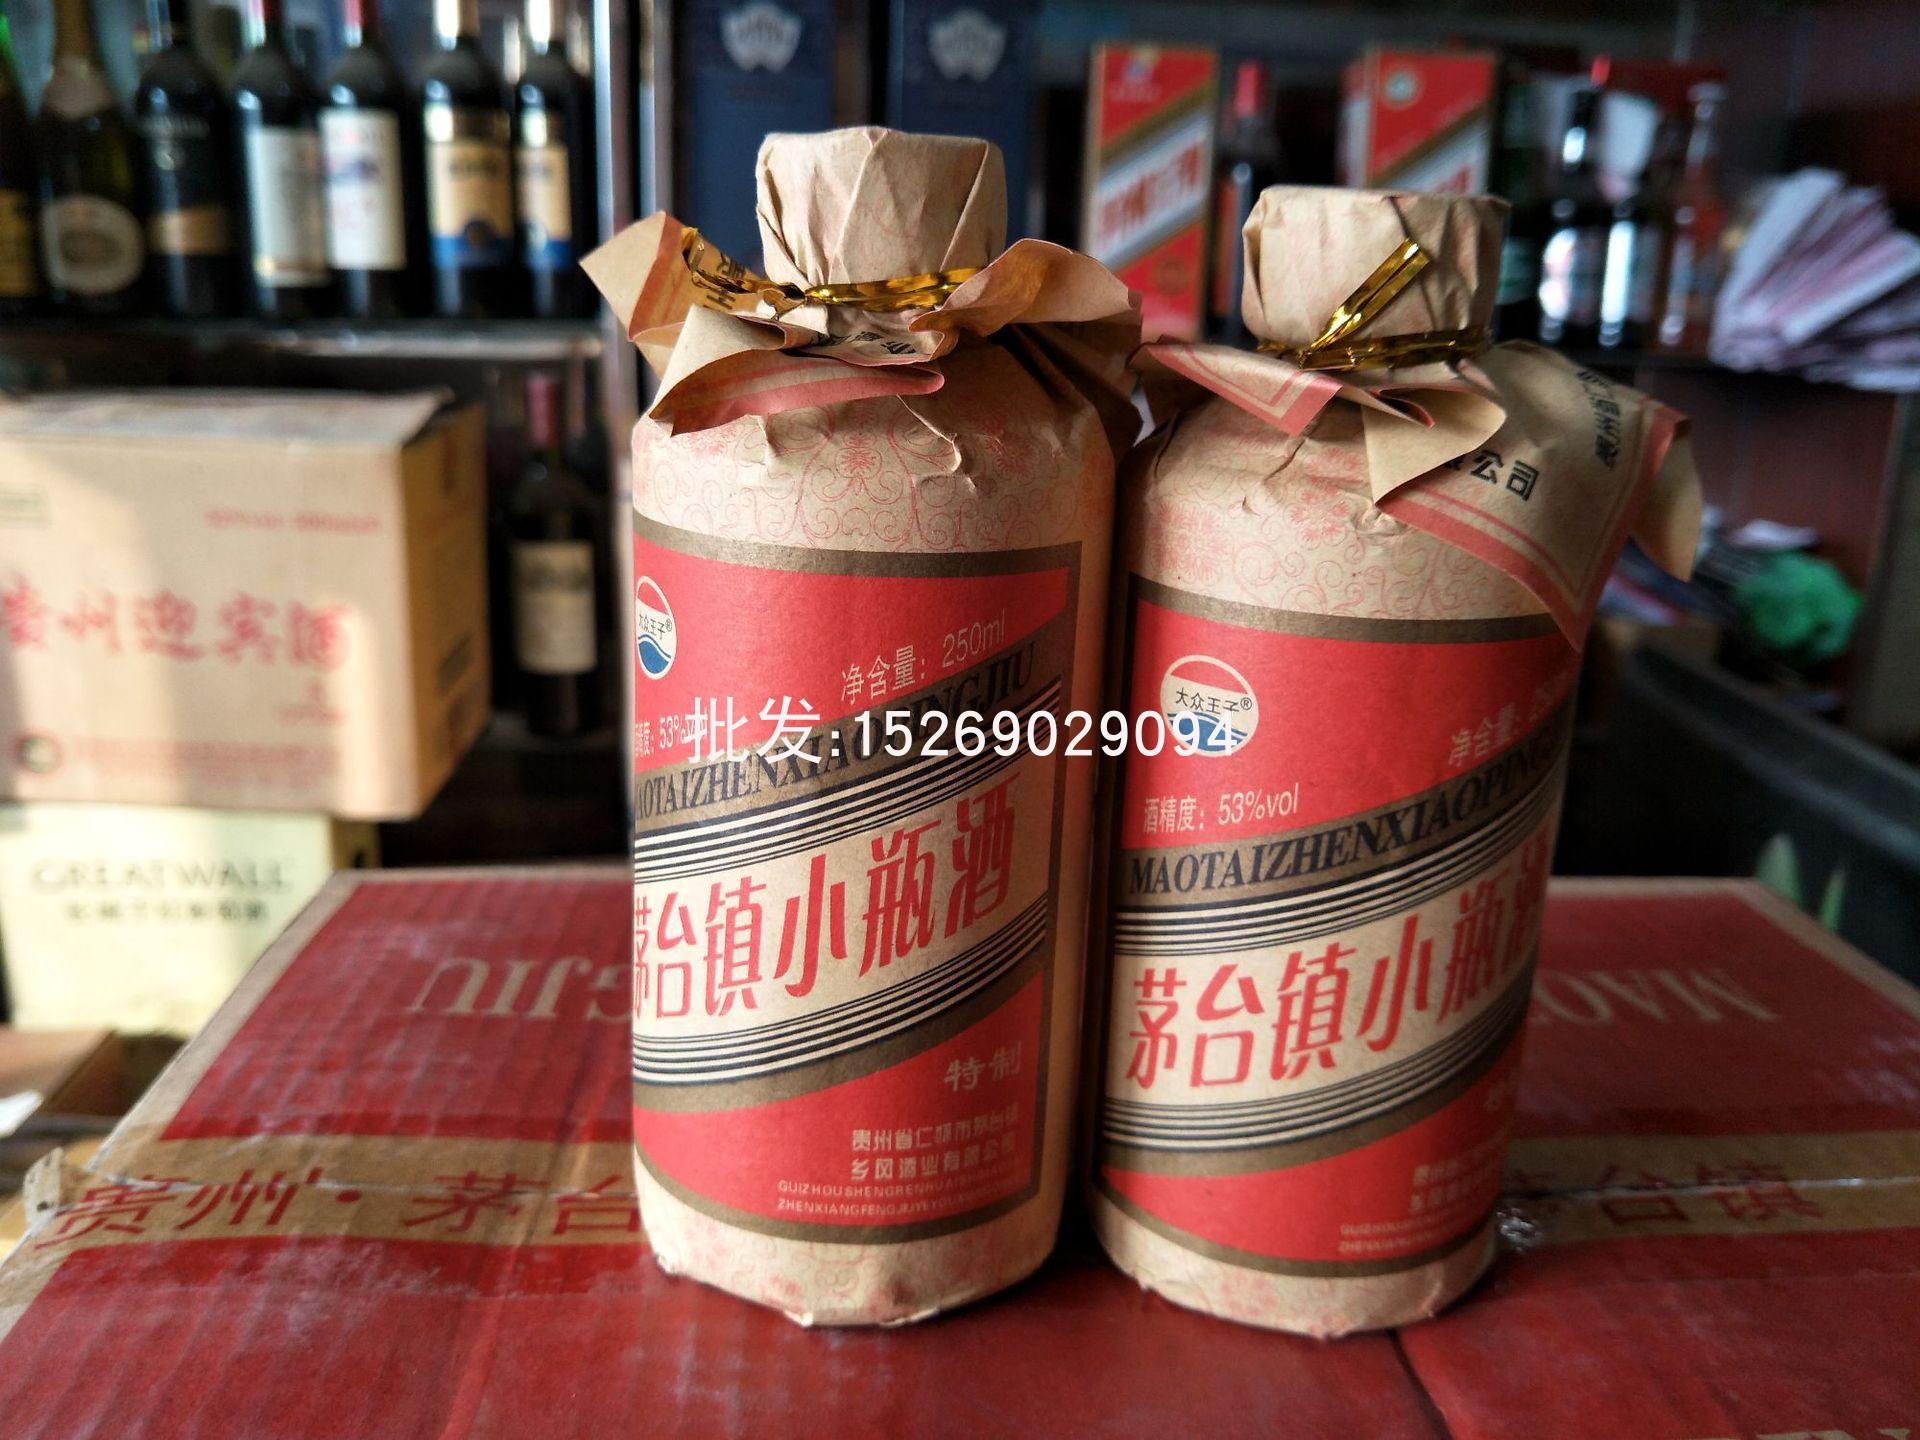 瓶仿冒必究 20 250ML 度浓香型自助餐原浆白酒 53 贵州茅台古镇小瓶酒